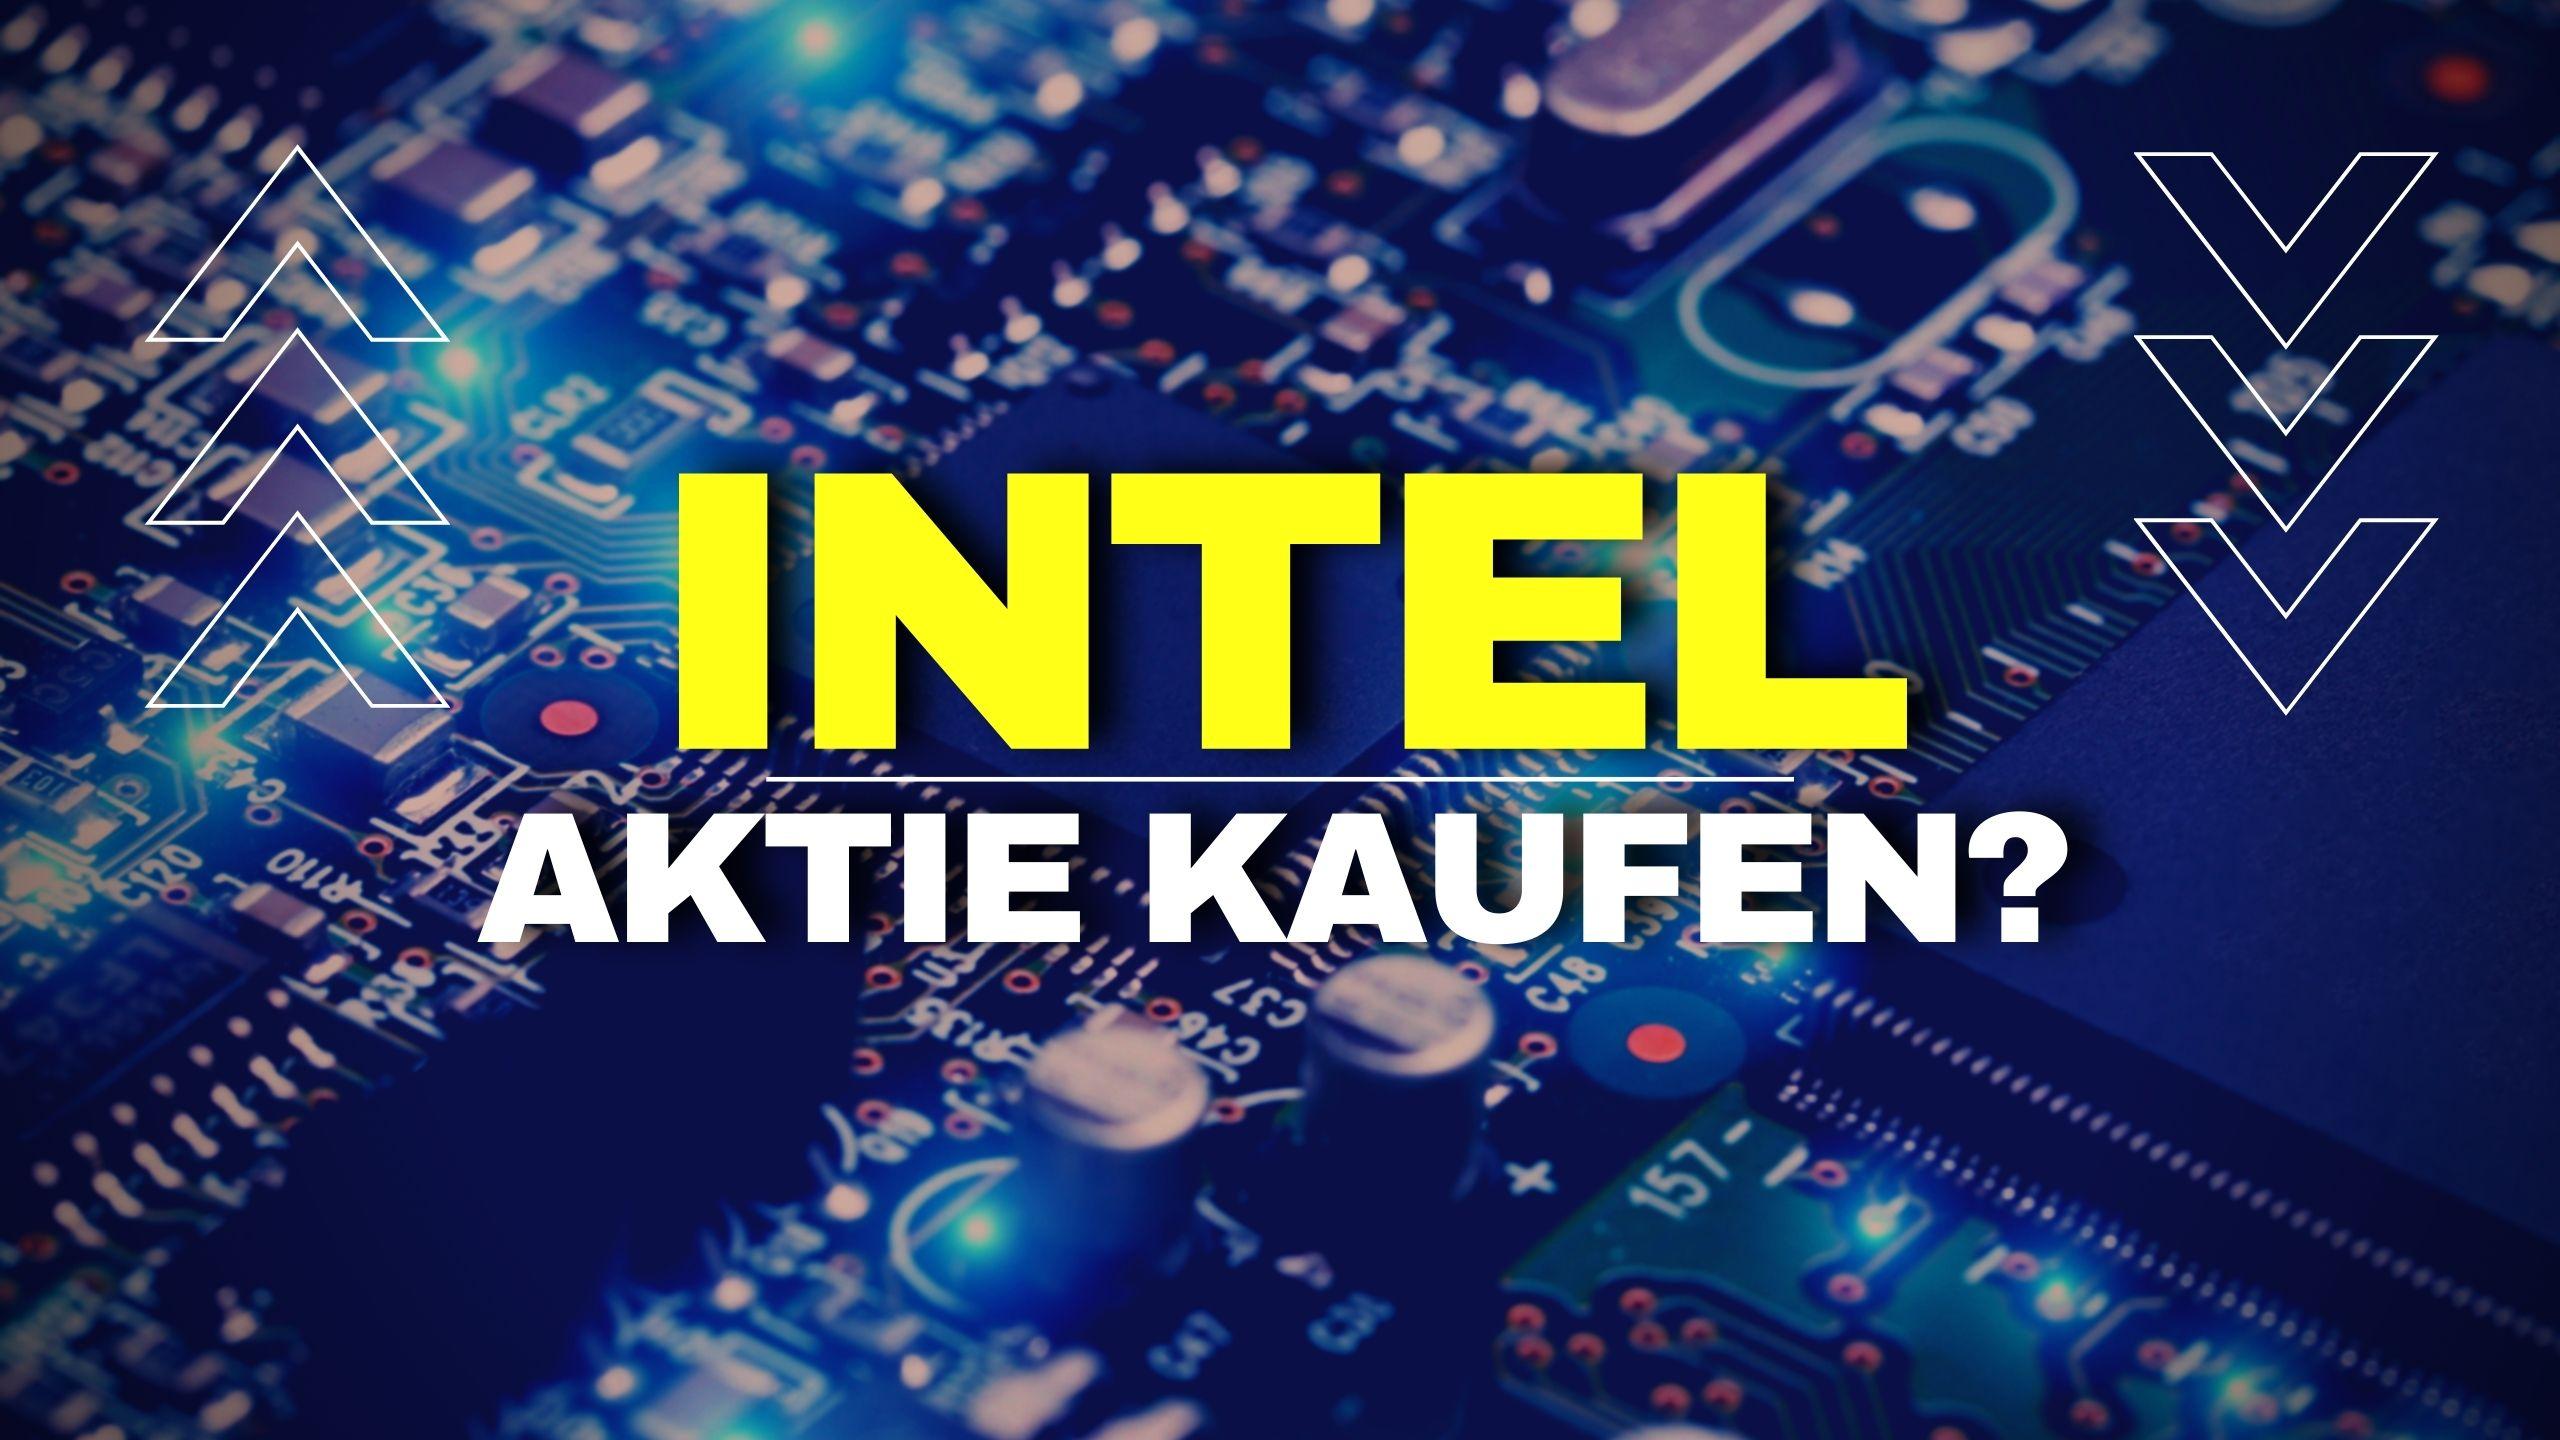 Intel Aktie kaufen 2021